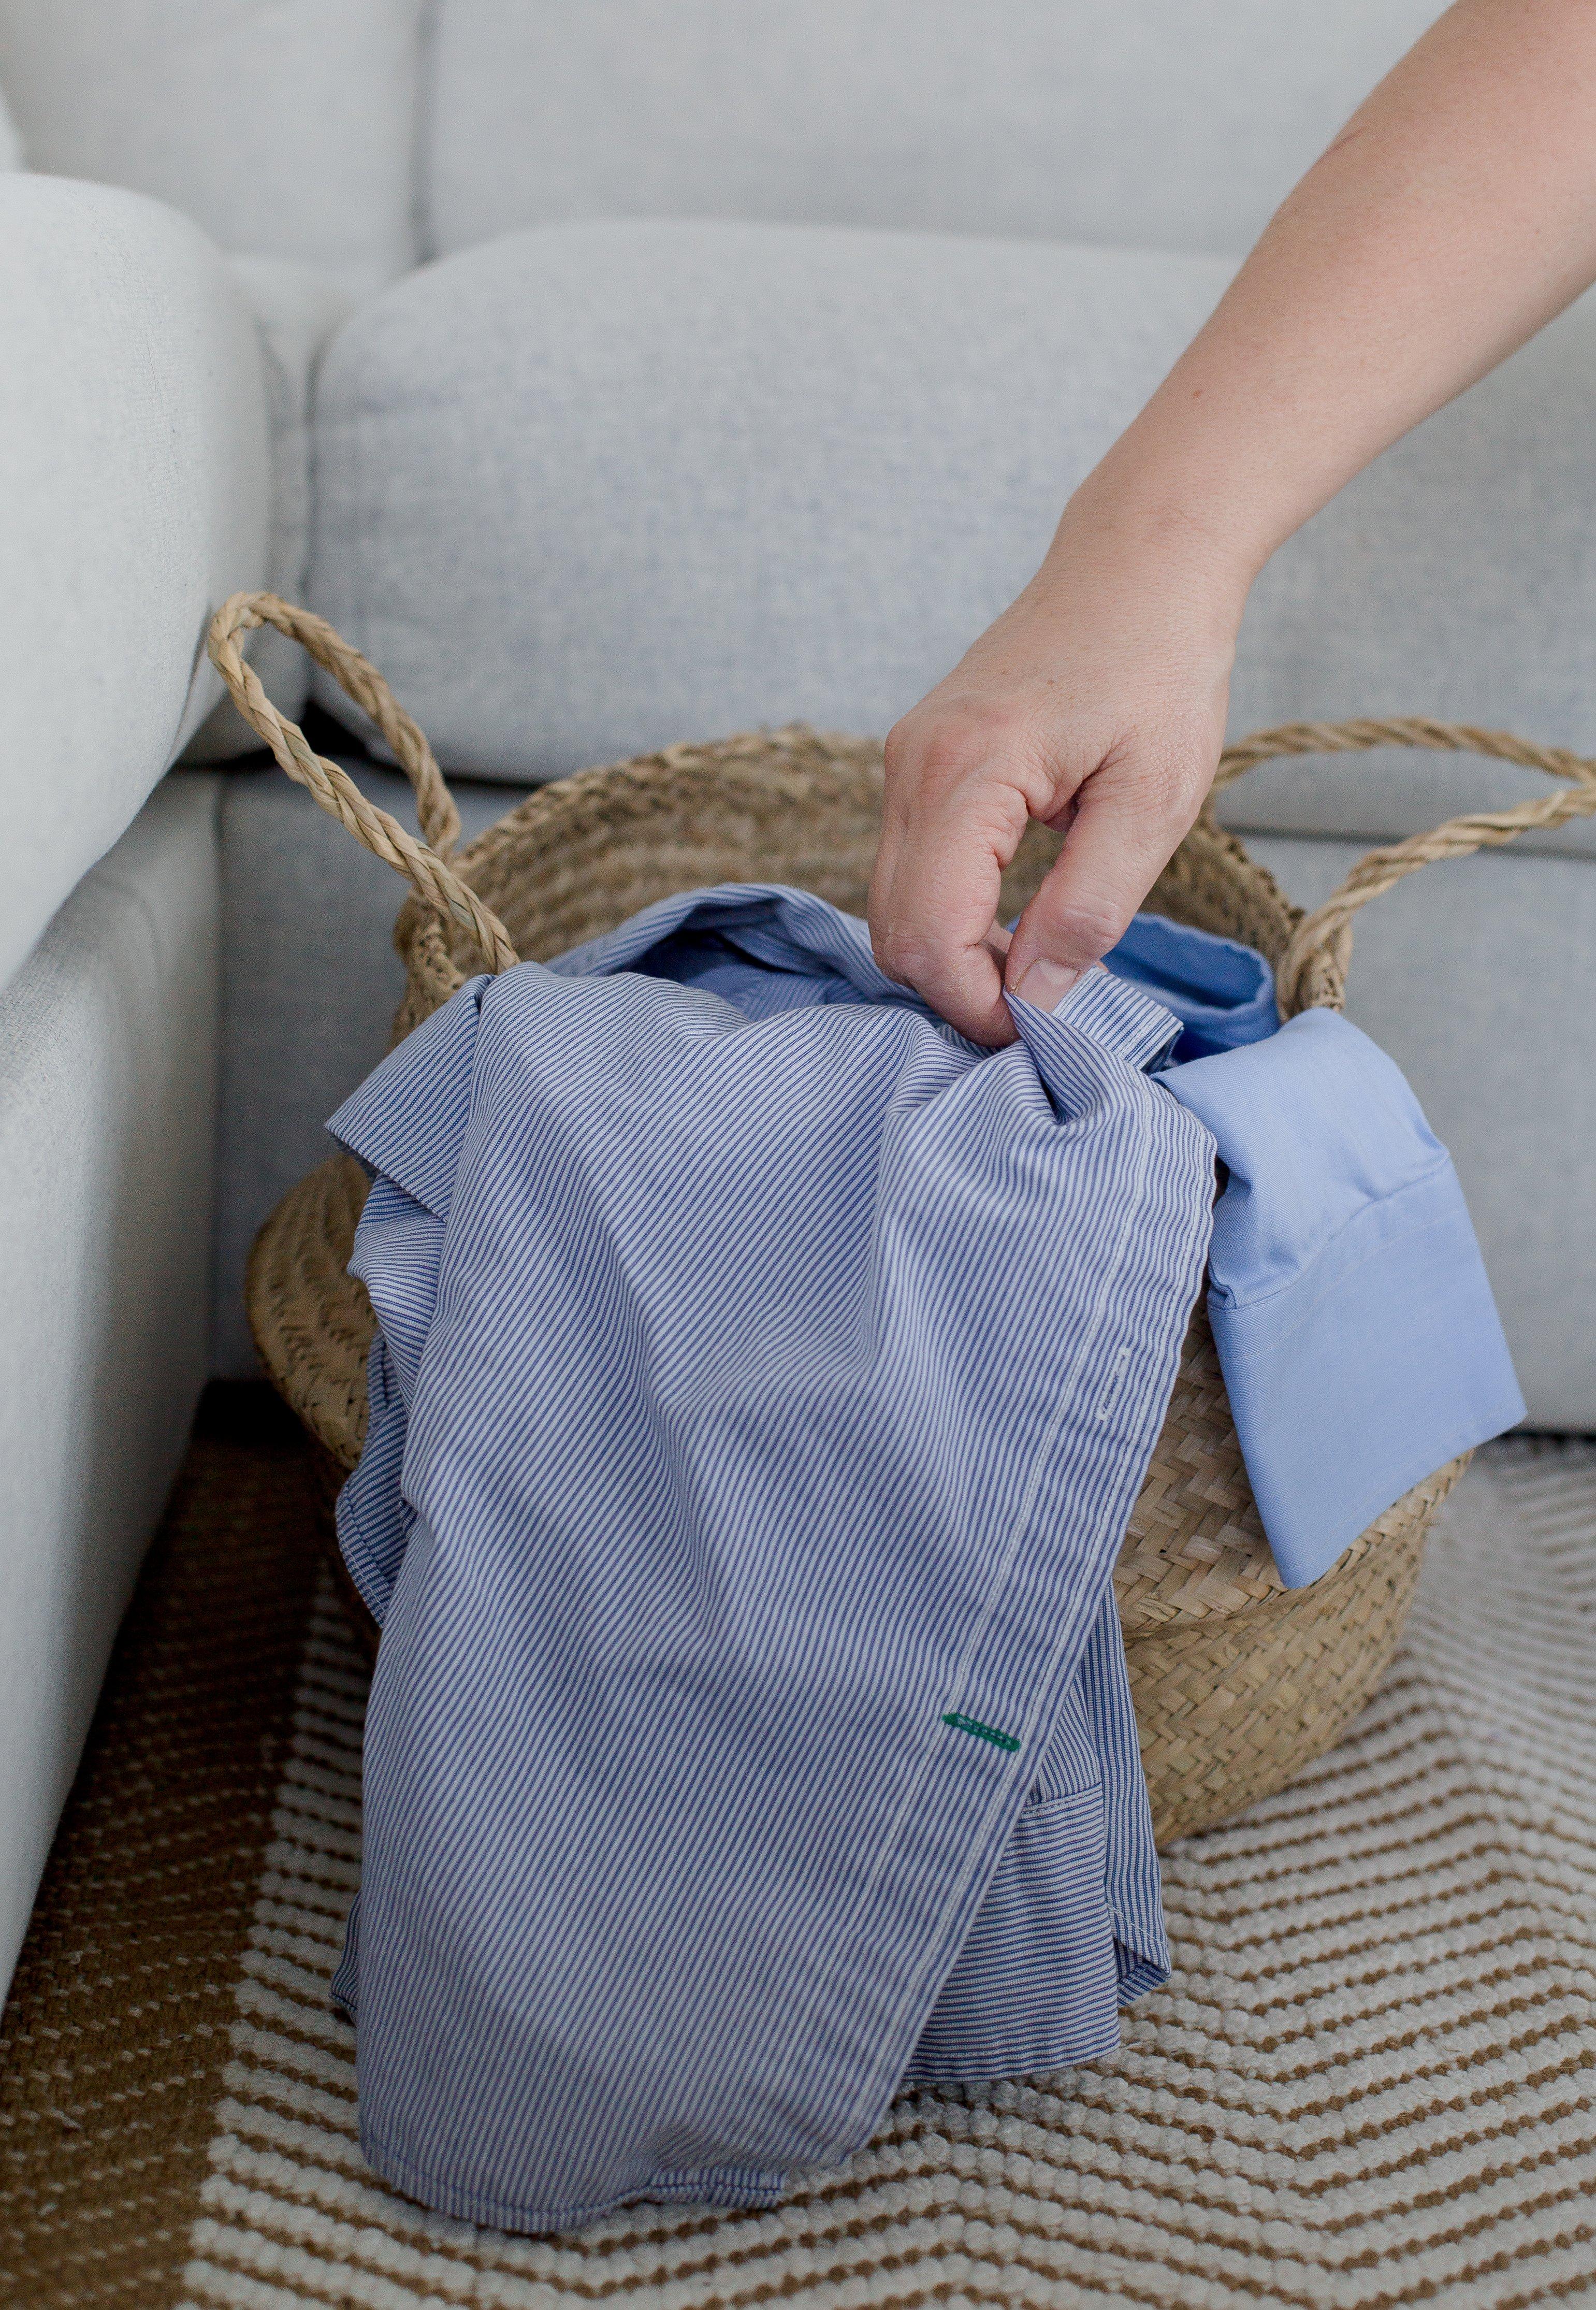 醫師傳授洗衣技巧不讓細菌找上你